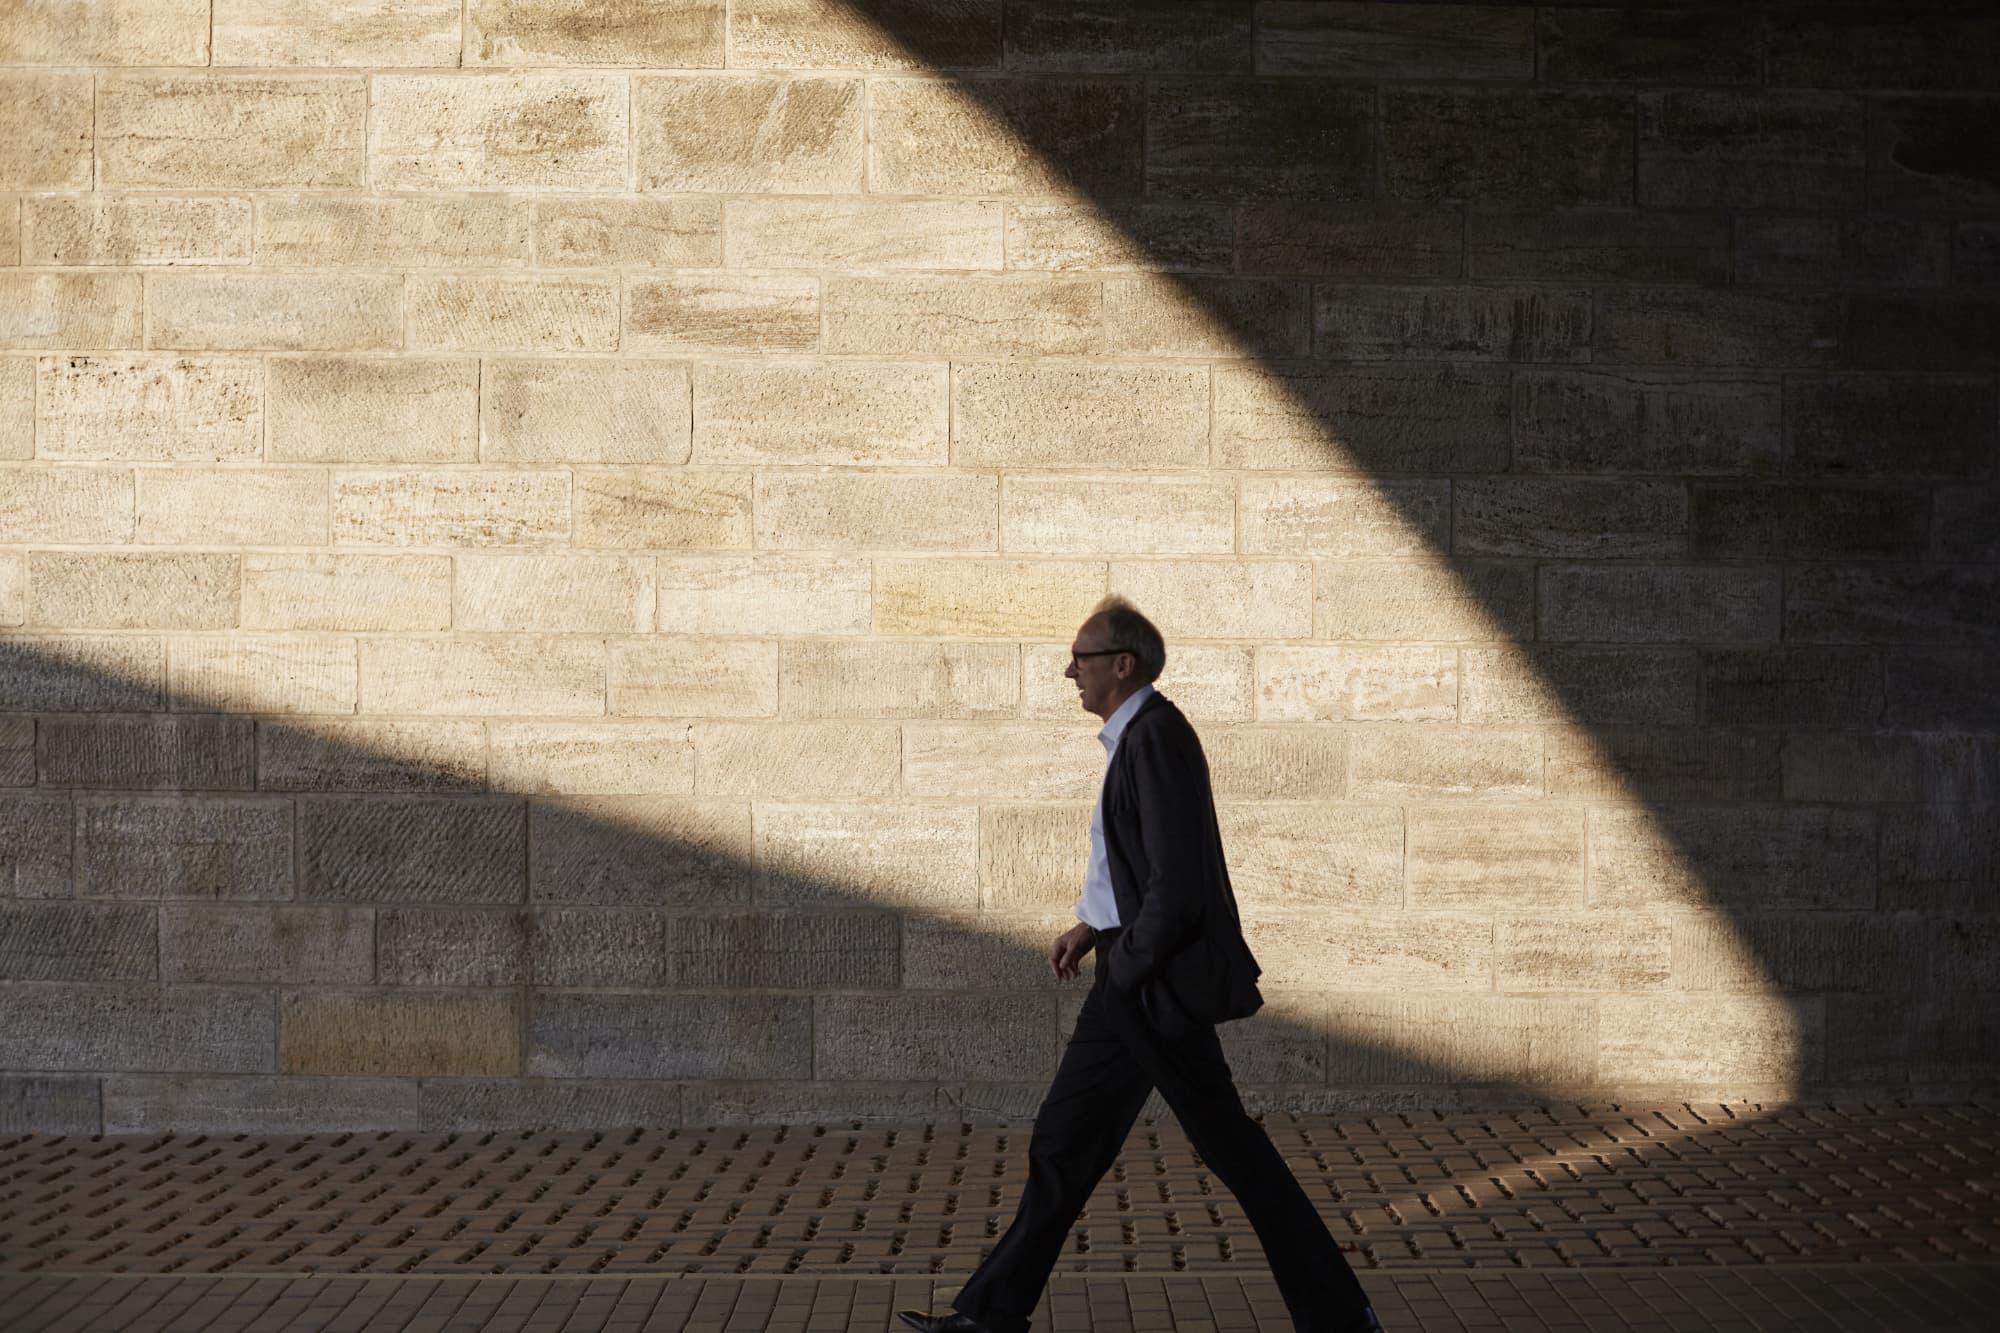 Steuerberater Engels läuft unter Brücke mit dramatischem Lichteinfall her